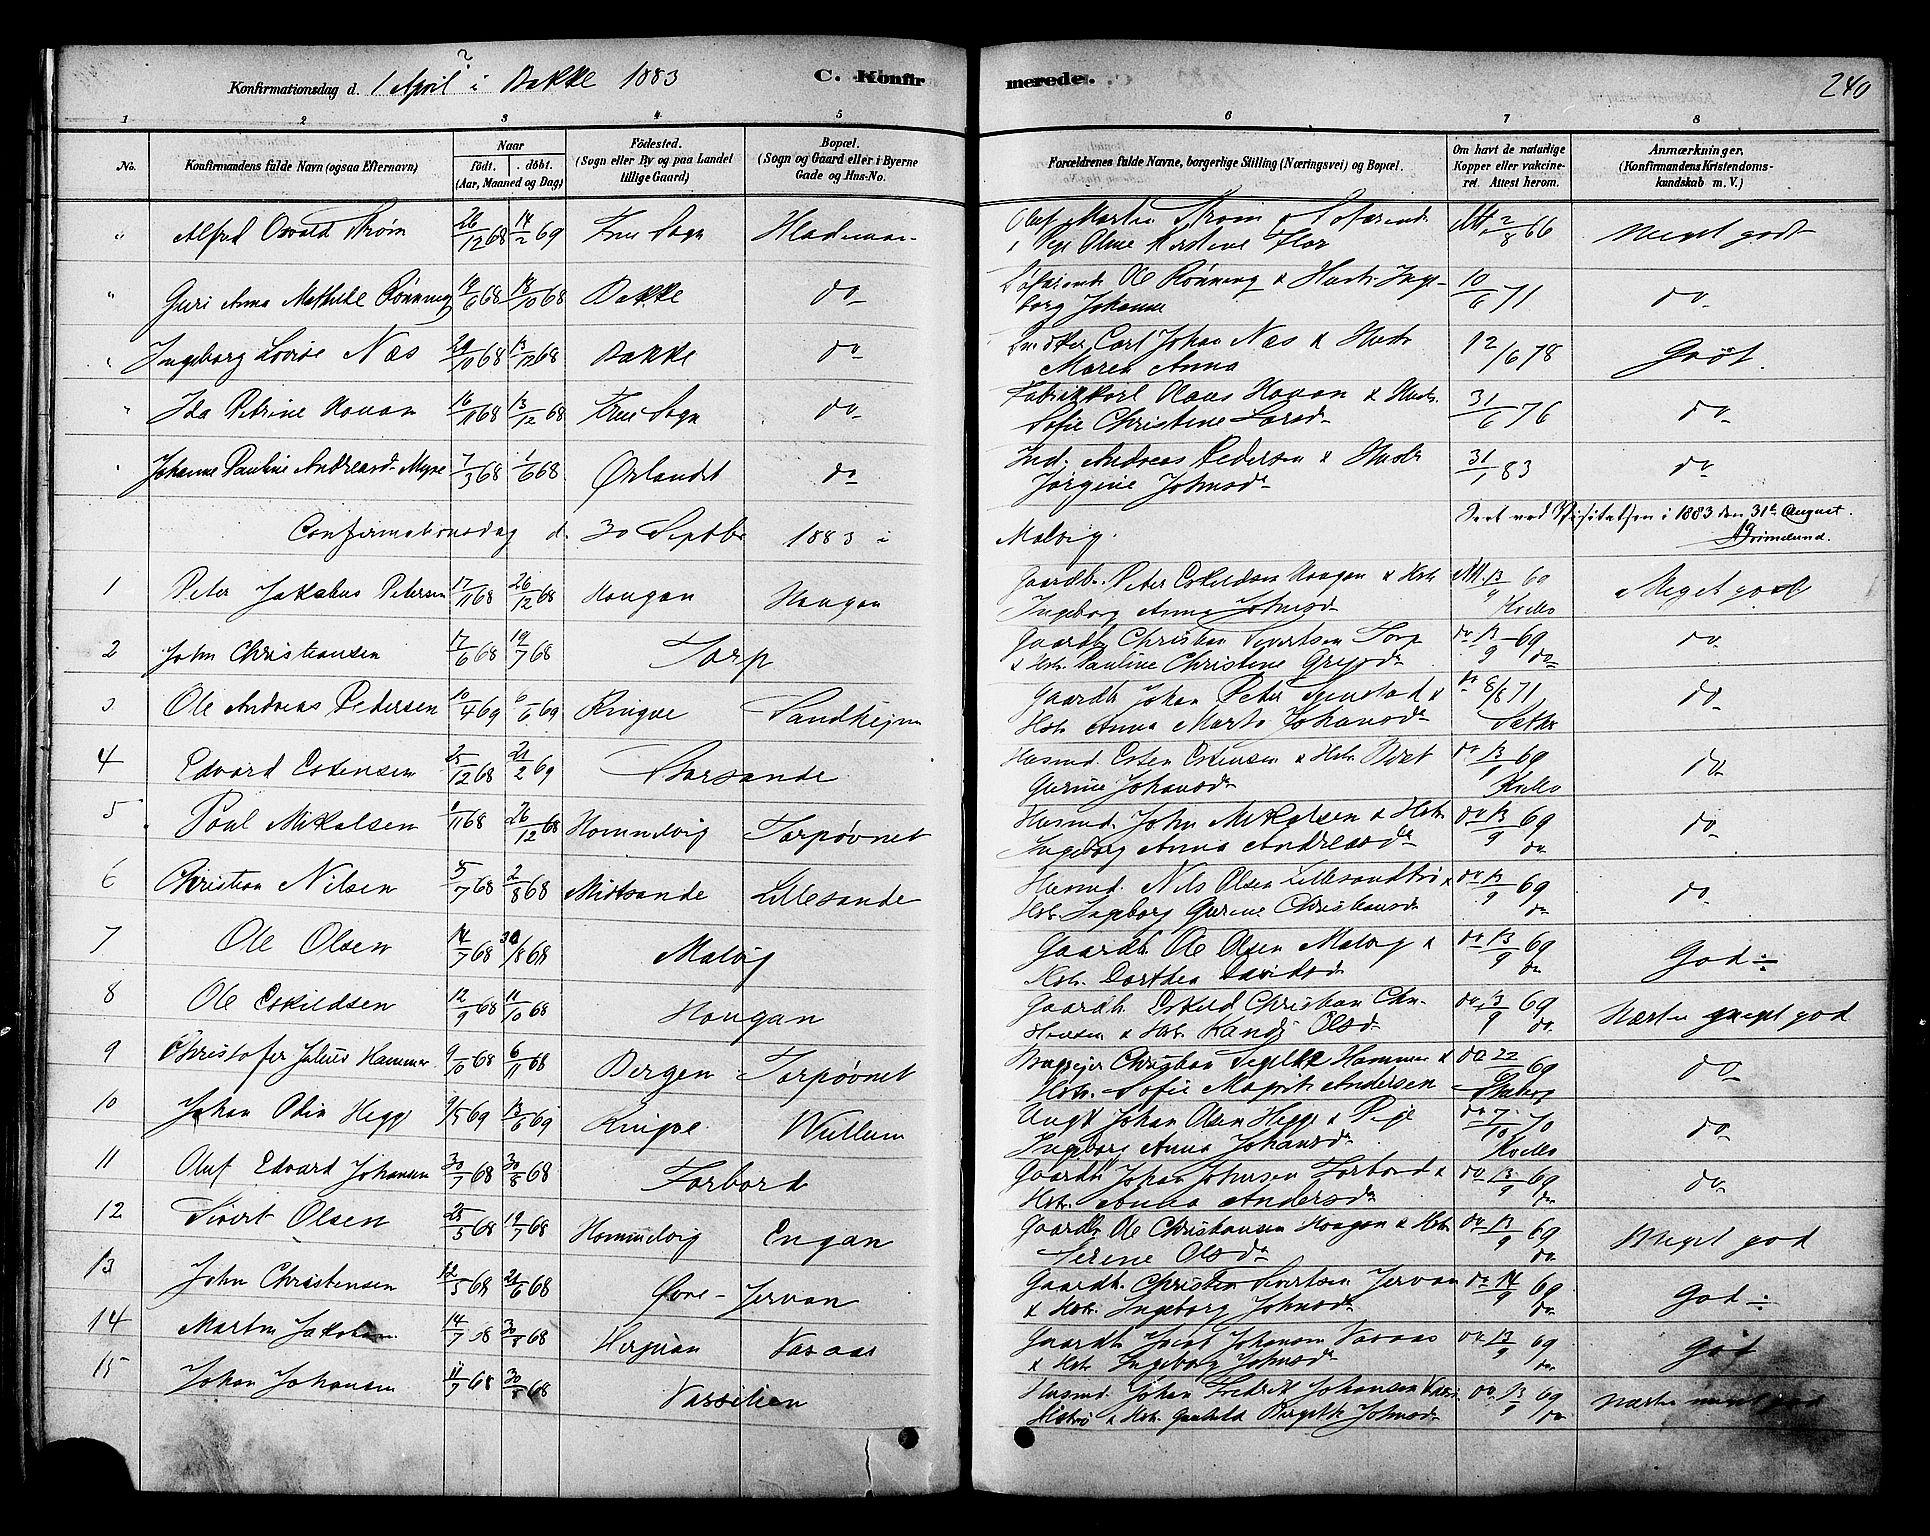 SAT, Ministerialprotokoller, klokkerbøker og fødselsregistre - Sør-Trøndelag, 606/L0294: Ministerialbok nr. 606A09, 1878-1886, s. 240